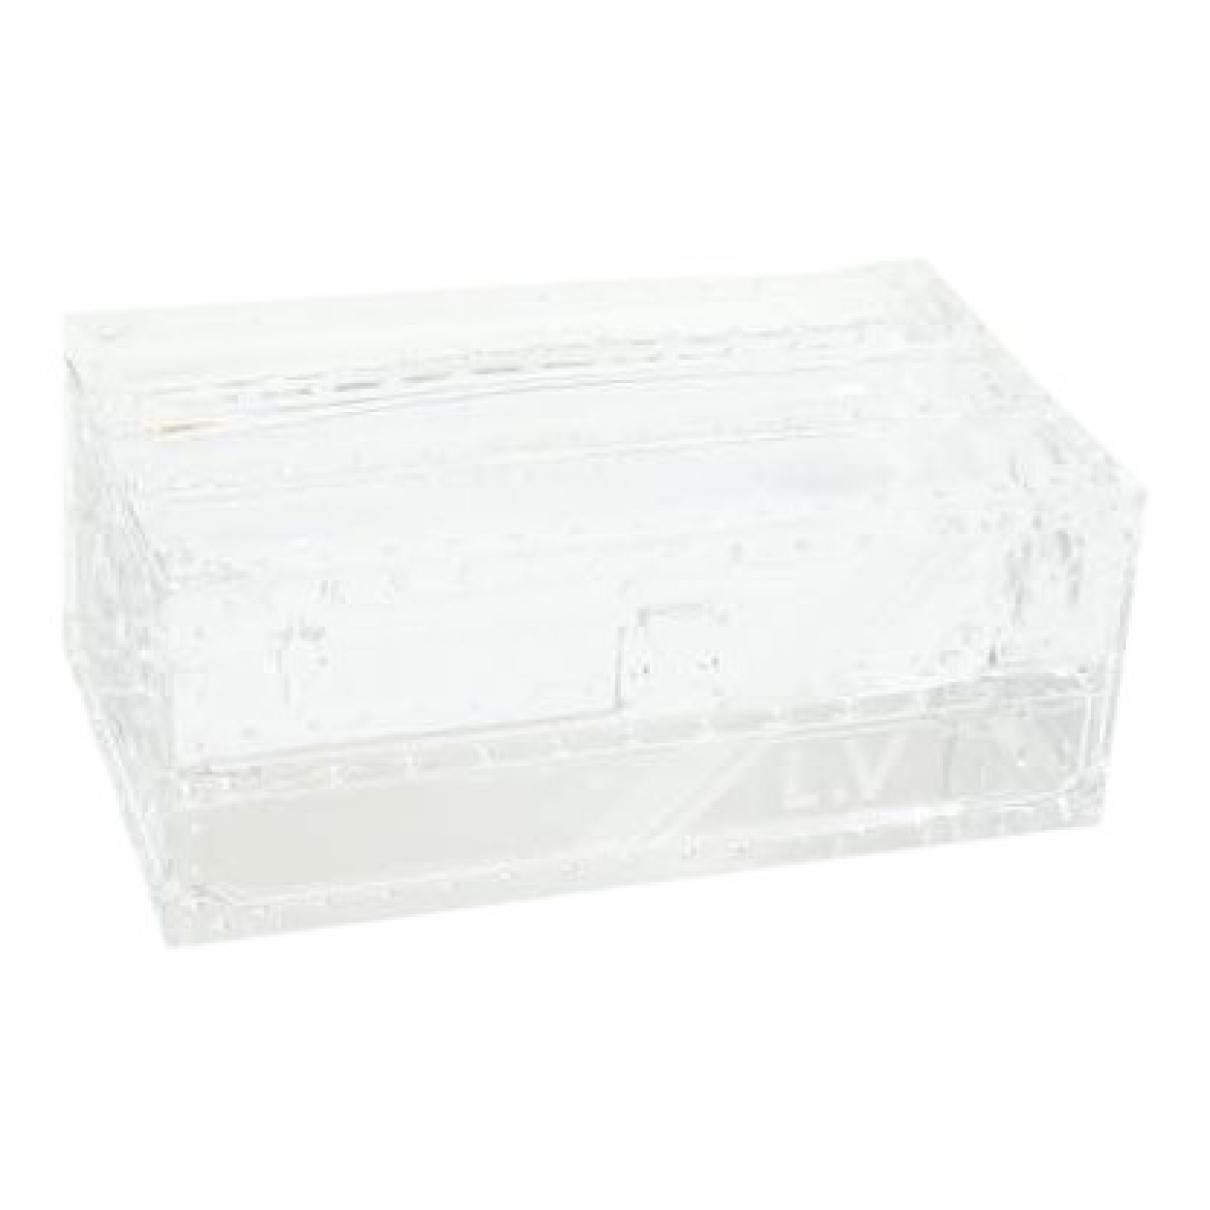 Louis Vuitton \N Kleinlederwaren in  Grau Kunststoff